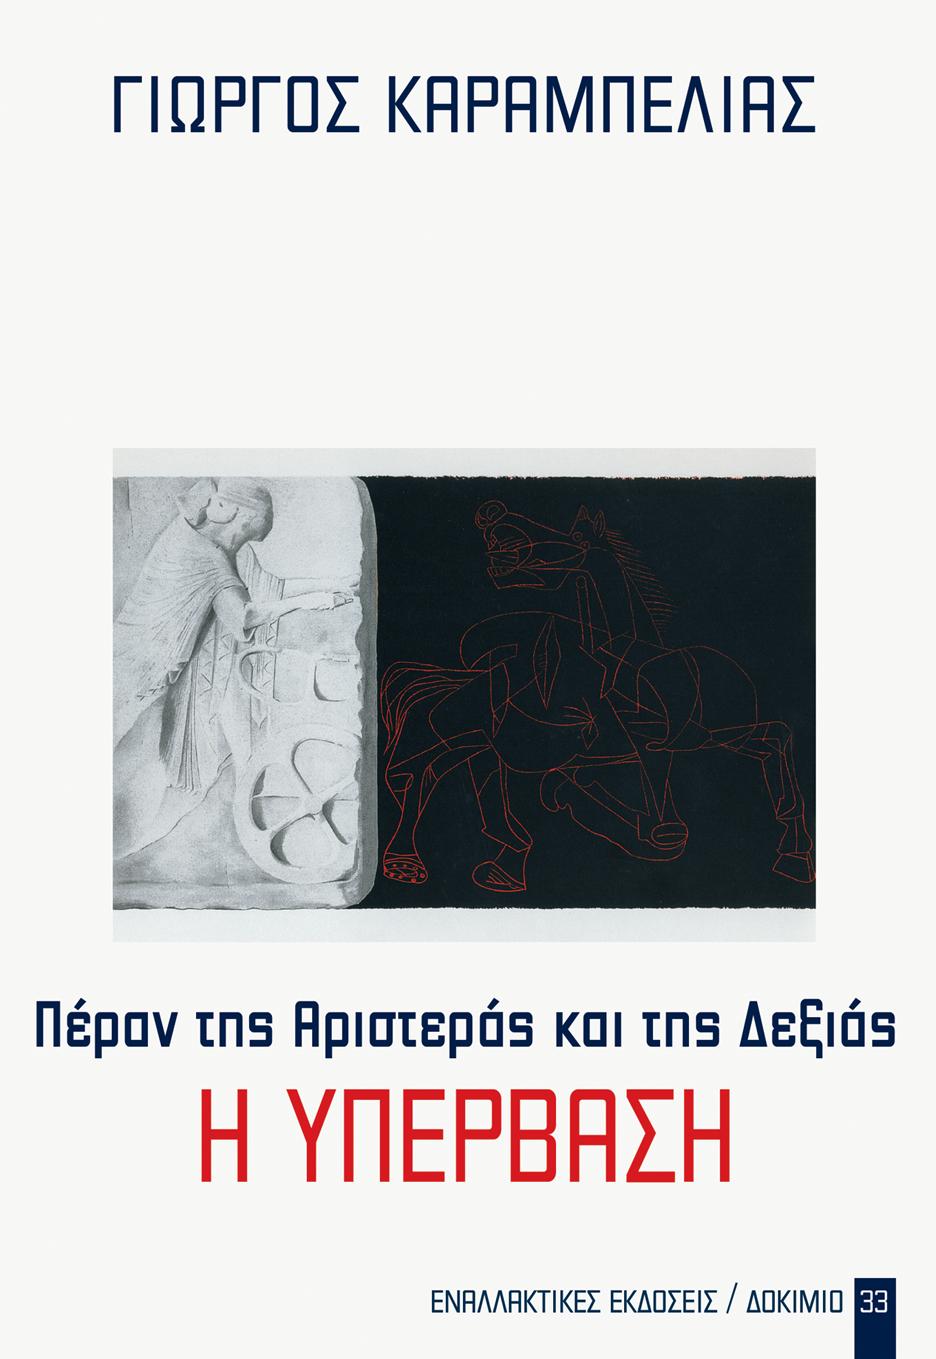 Αποτέλεσμα εικόνας για Πέραν της Αριστεράς και της Δεξιάς, η Υπέρβαση enalekdoseis